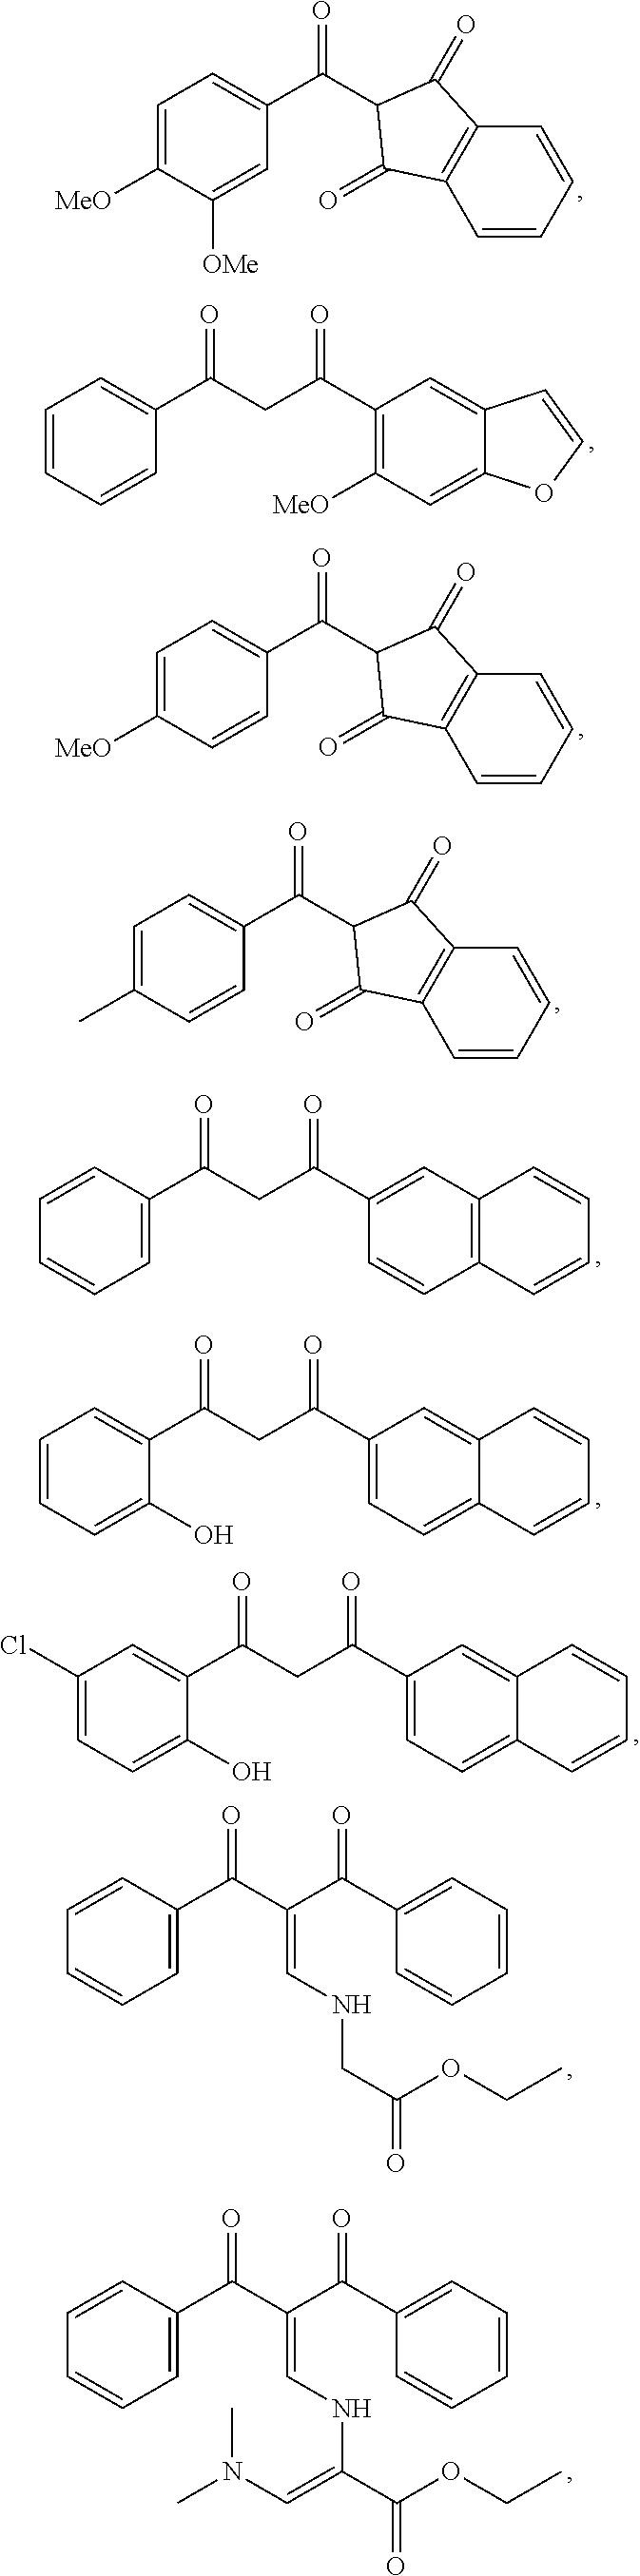 Figure US07955861-20110607-C00028